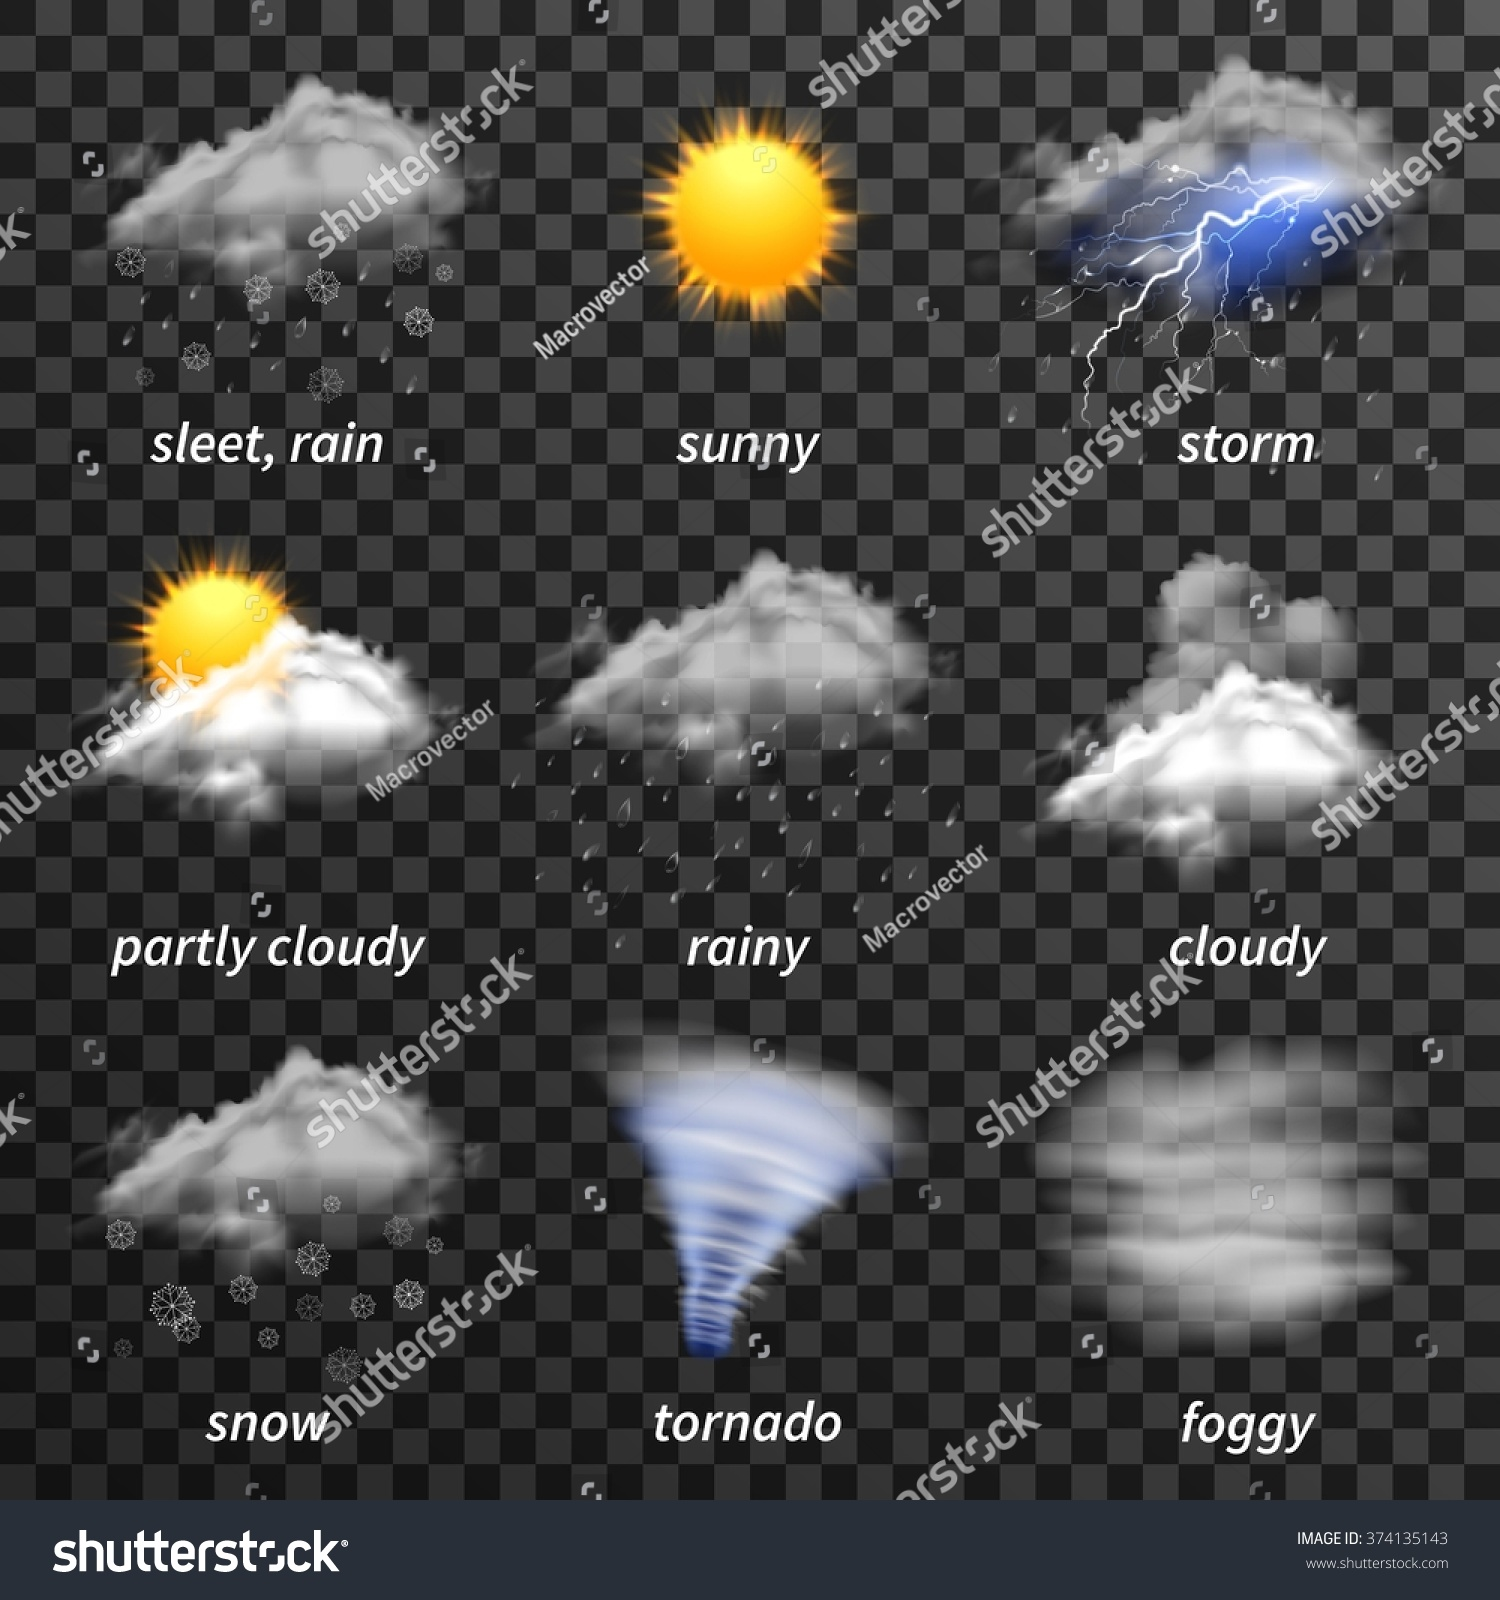 Rainy Weather Icons